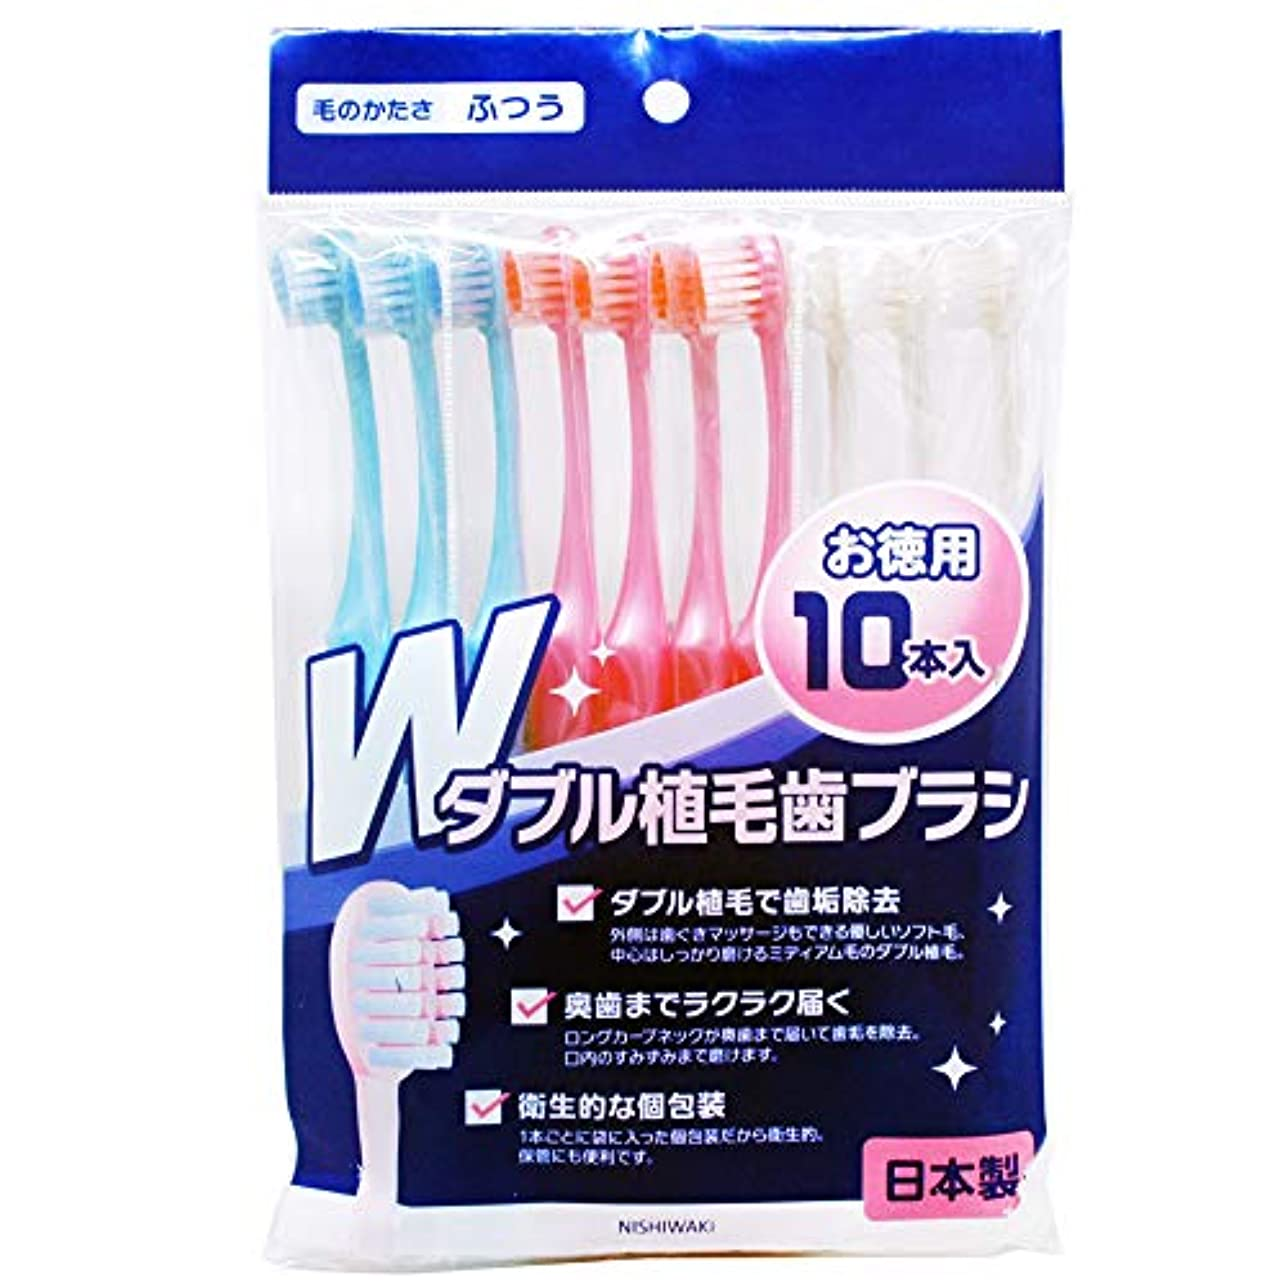 ハント納得させる人差し指歯ブラシ 日本製 10本セット「外側やわらか植毛歯ブラシ」